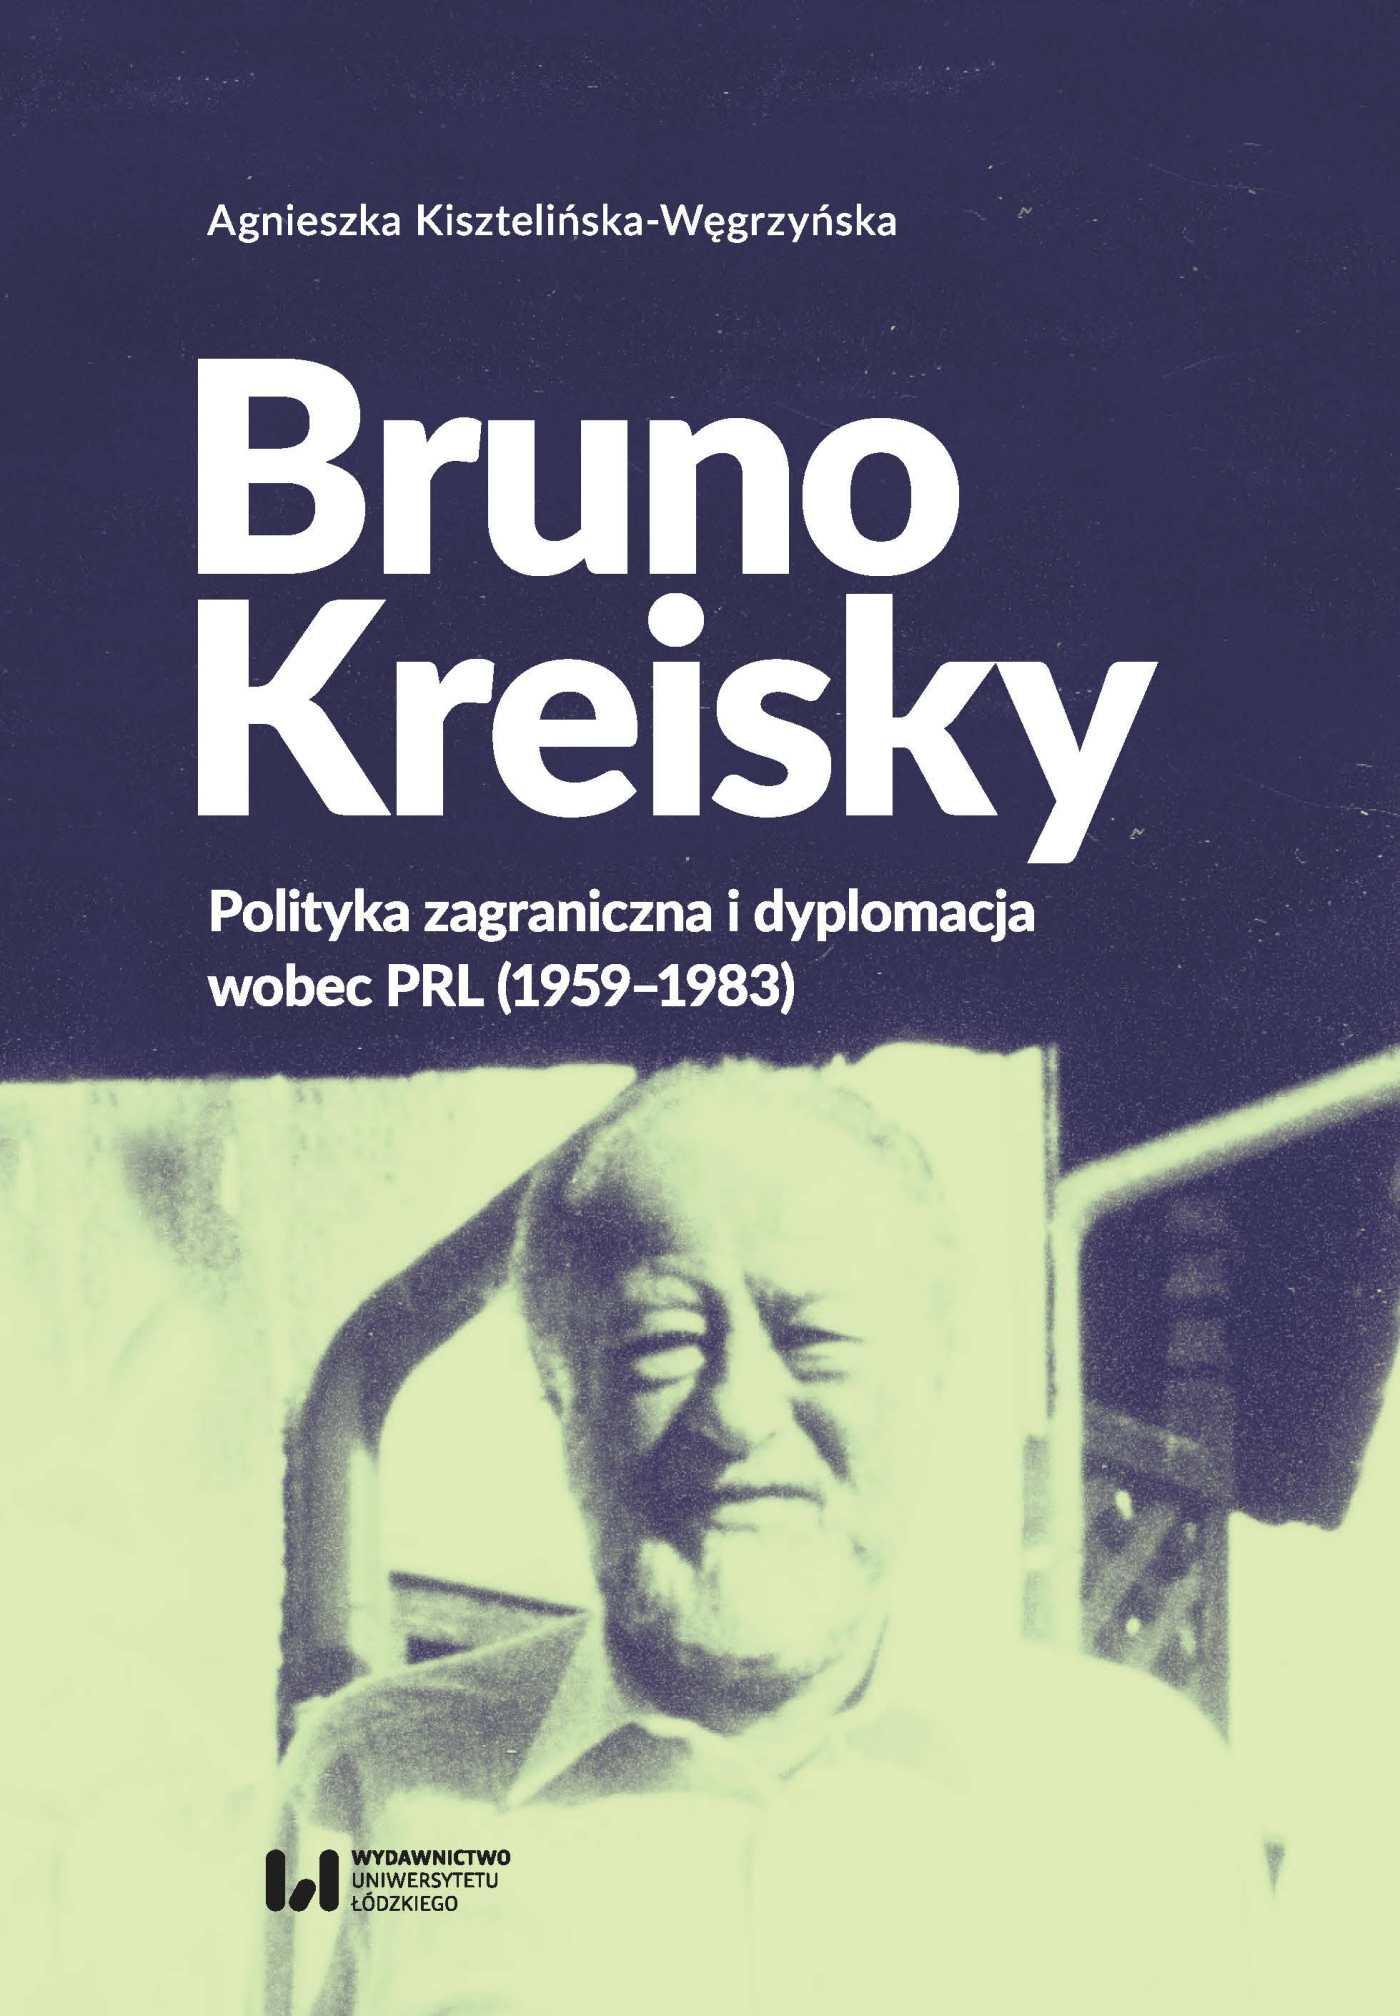 Bruno Kreisky. Polityka zagraniczna i dyplomacja wobec PRL (1959-1983) - Ebook (Książka PDF) do pobrania w formacie PDF